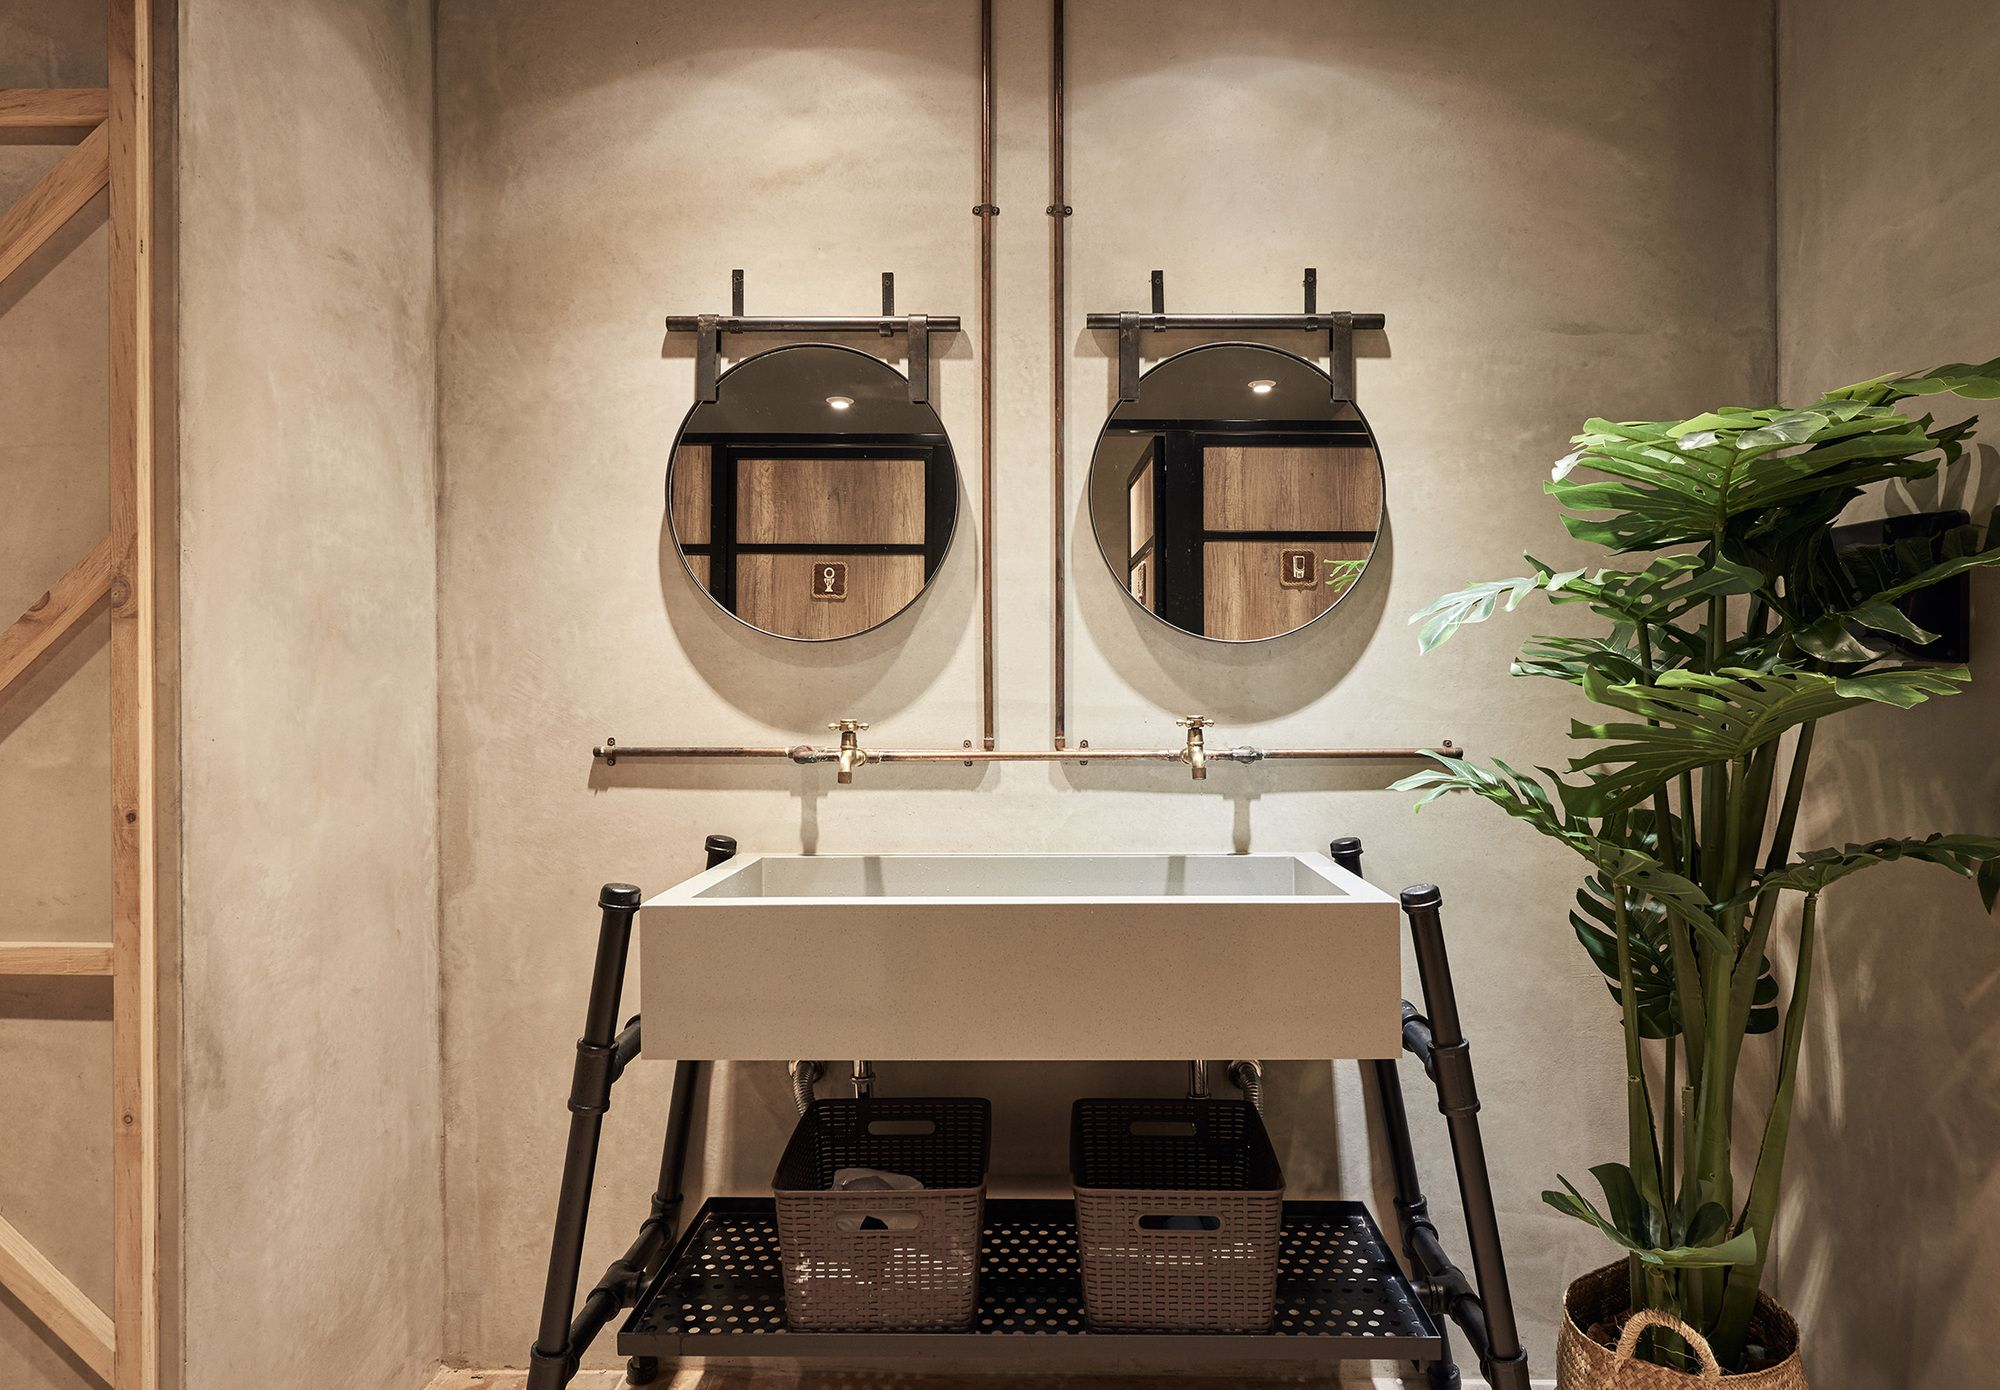 Badezimmerspiegel Bauhaus ~ Gallery of bite to eat hao design 38